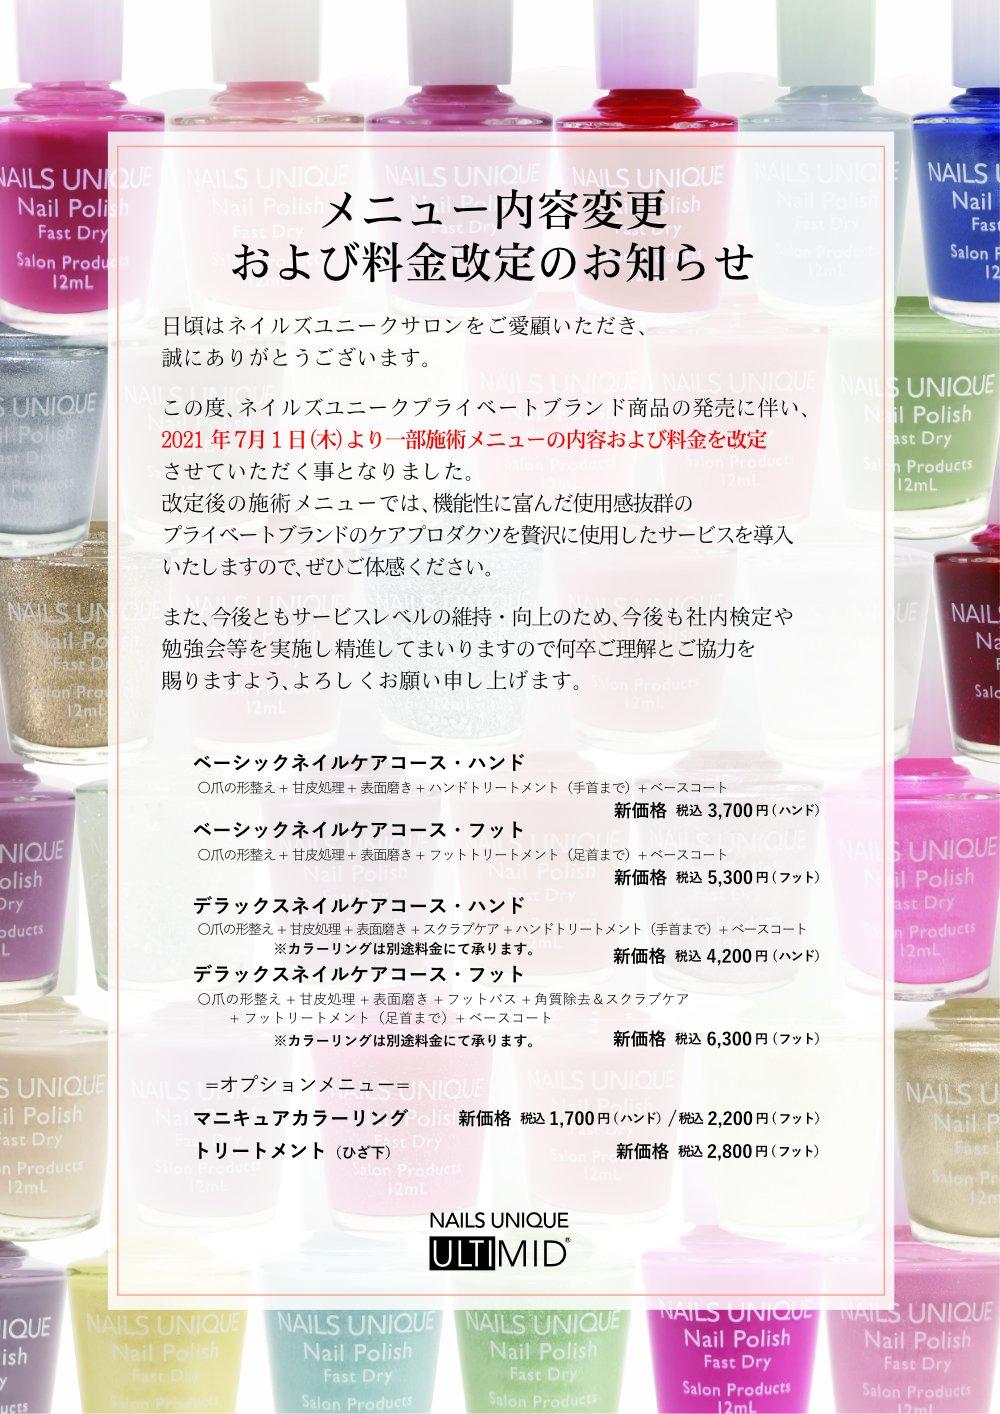 価格改定のお知らせULTIMID.jpg